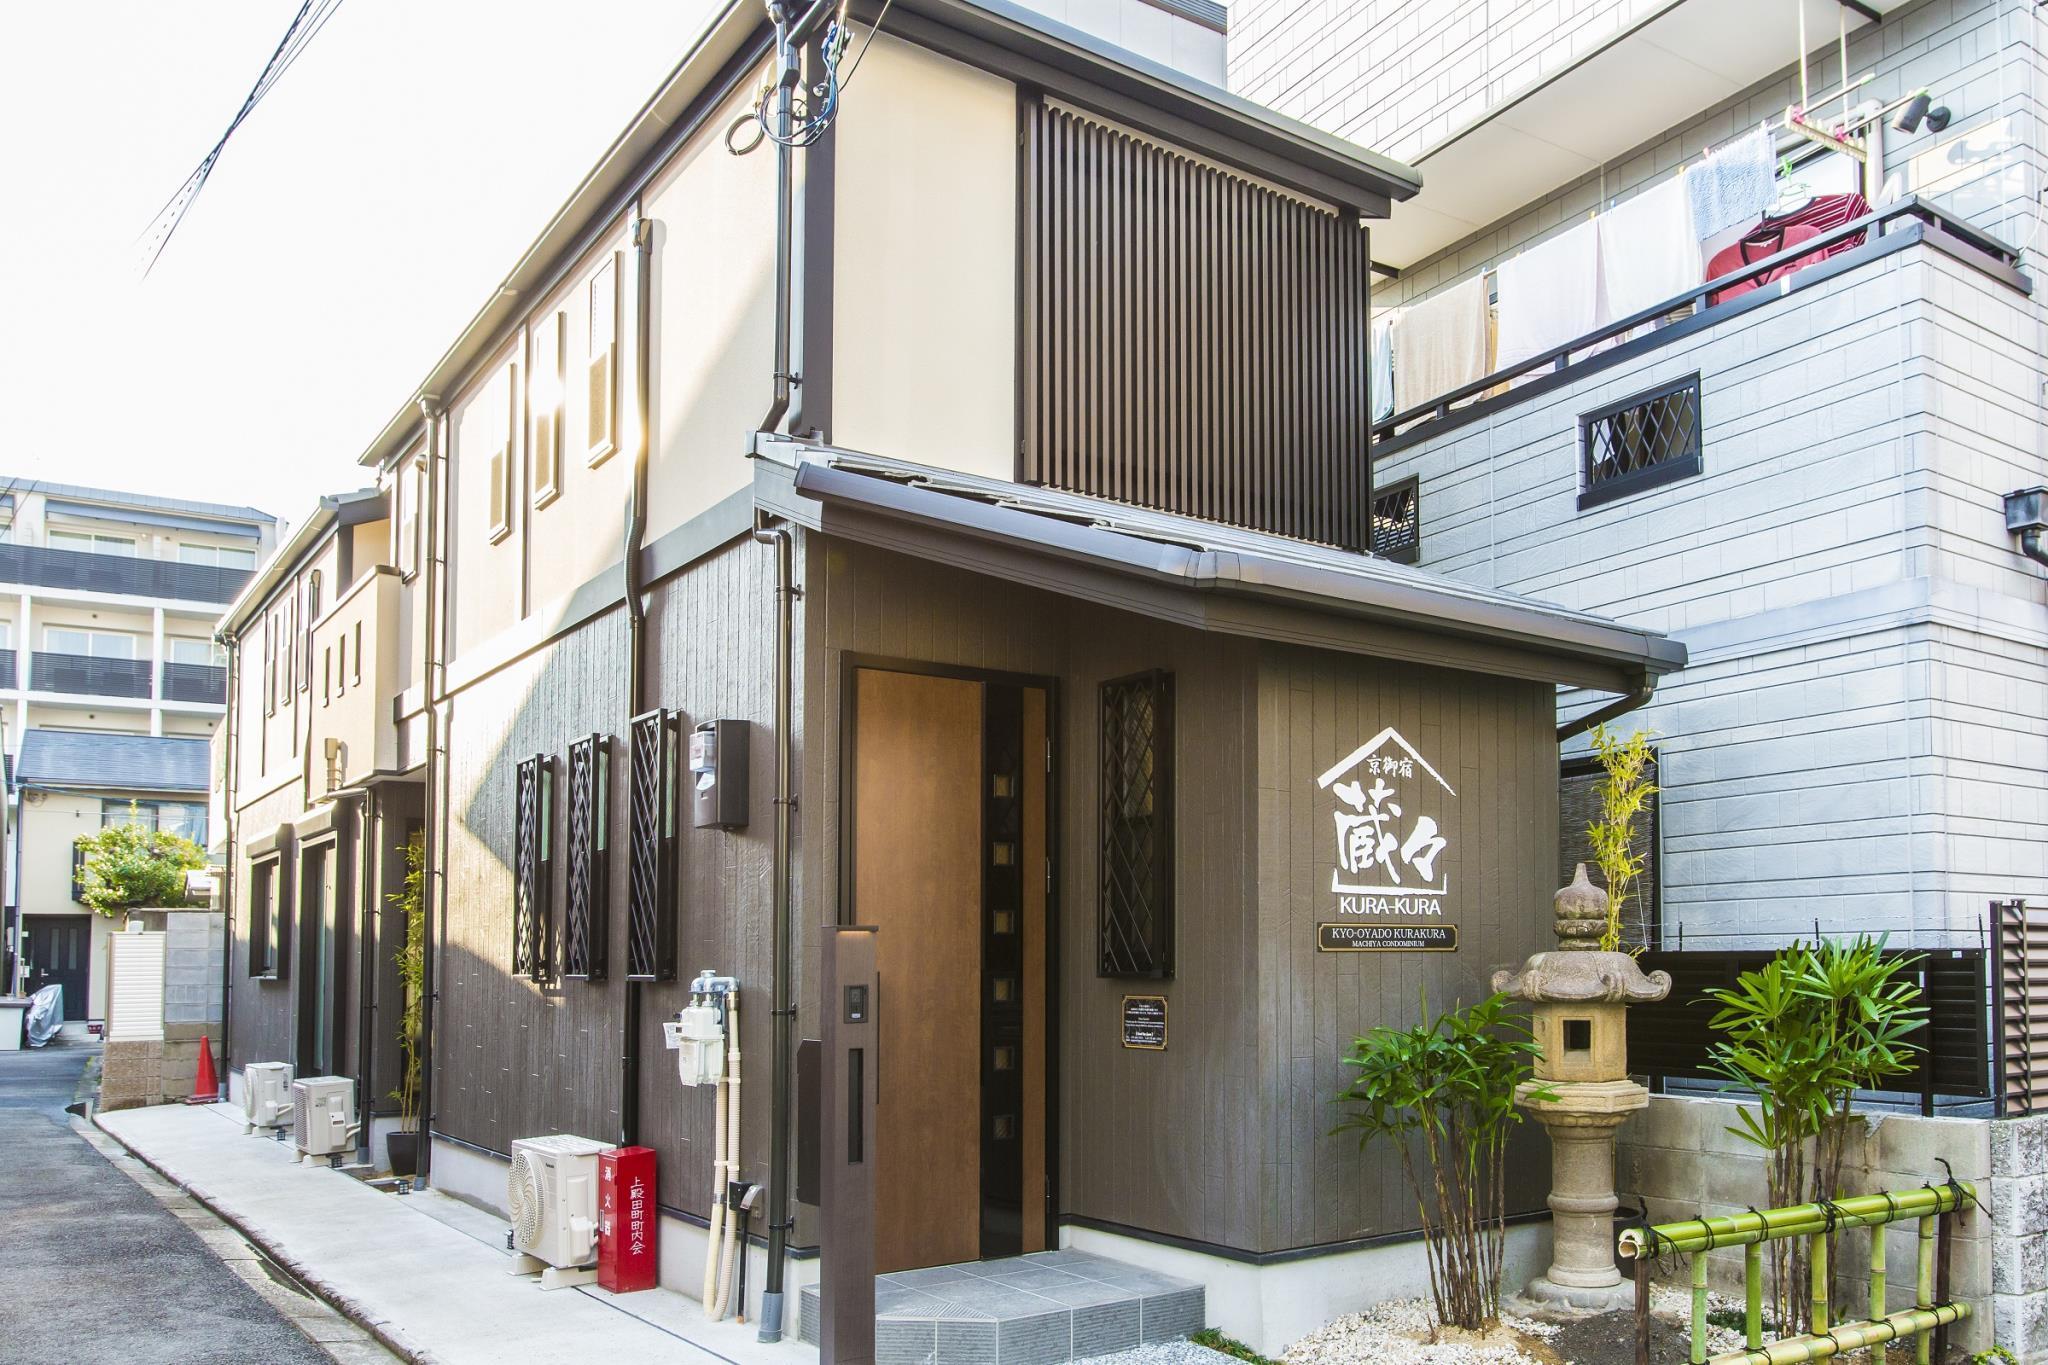 Kyoto Machiya House Kyo Oyado Kurakura